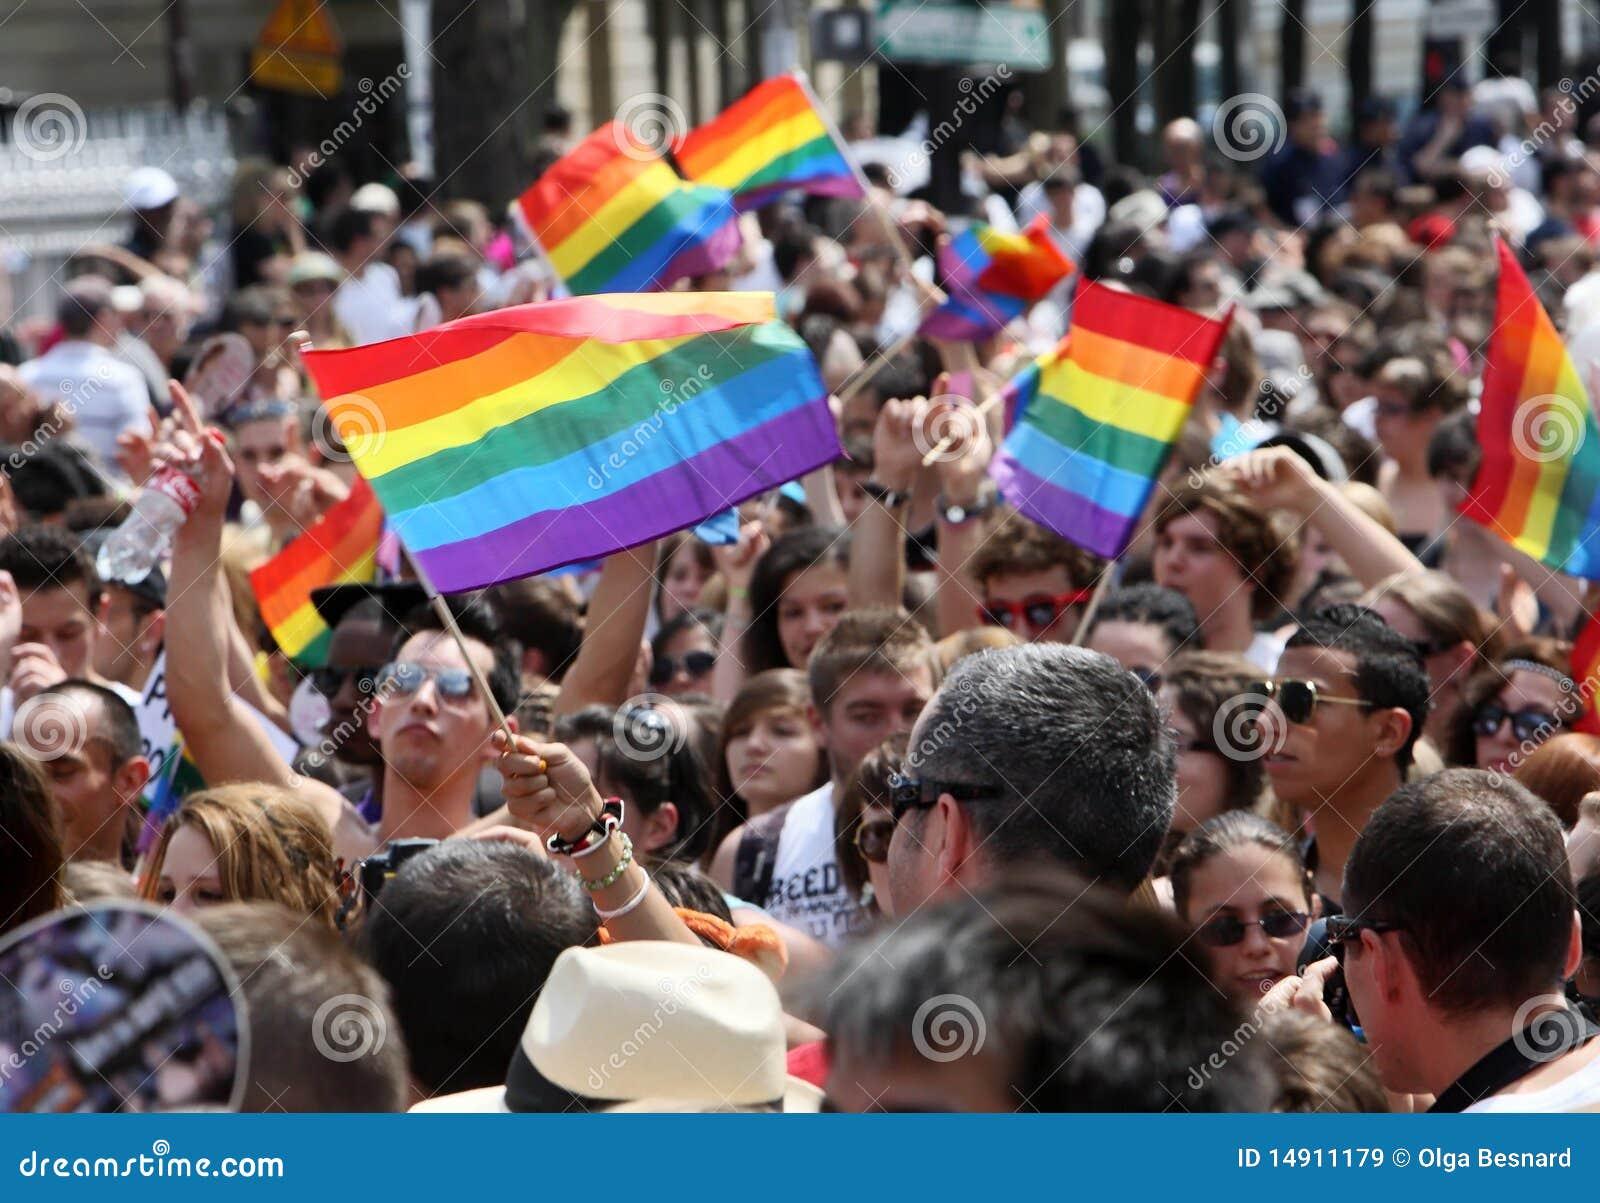 Paris Gay Pride 2010